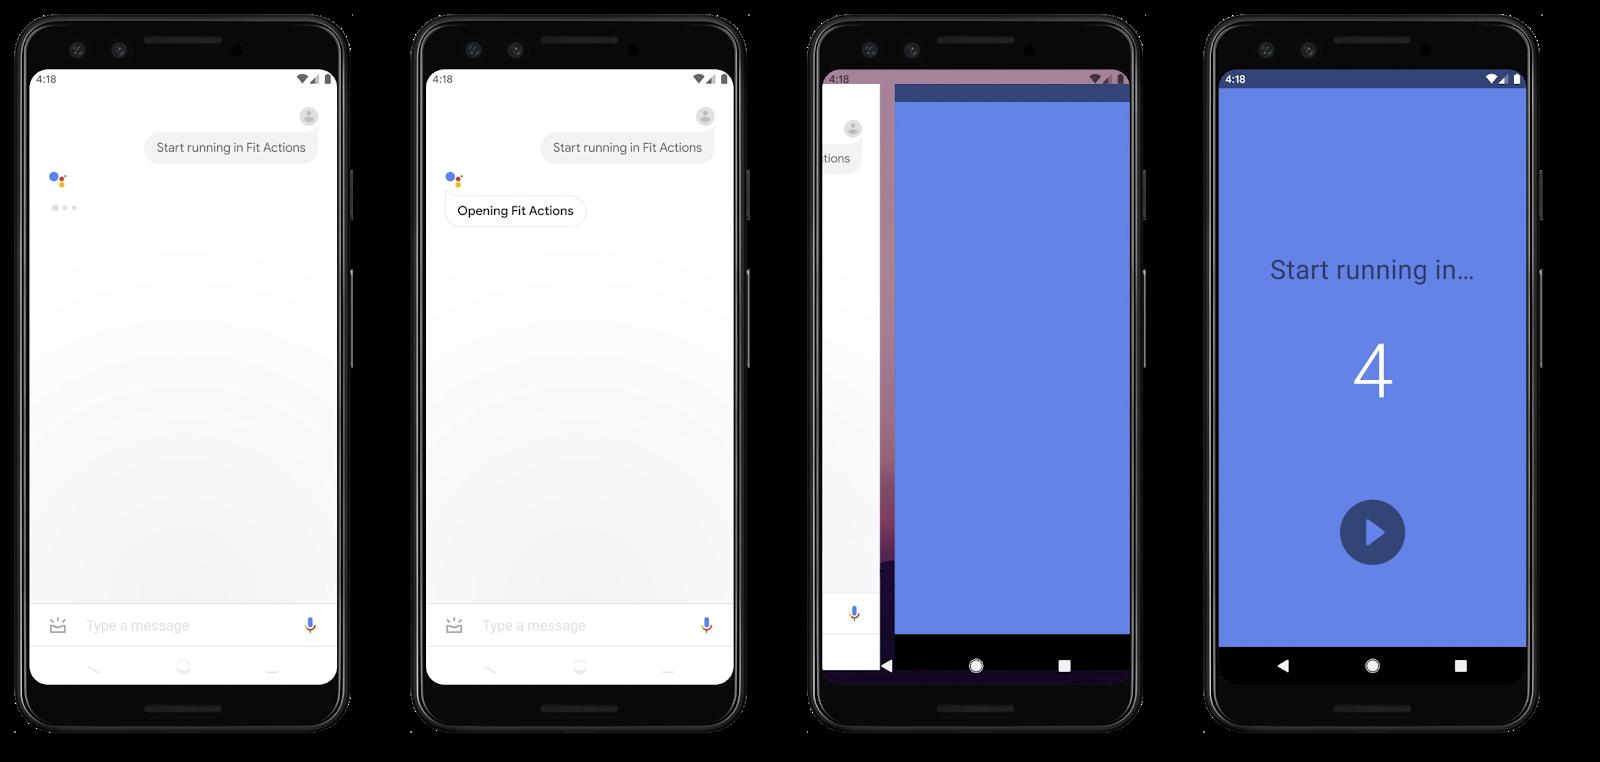 Google 어시스턴트가 앱에서 달리기 추적기를 시작하는 4개의 단계적 화면